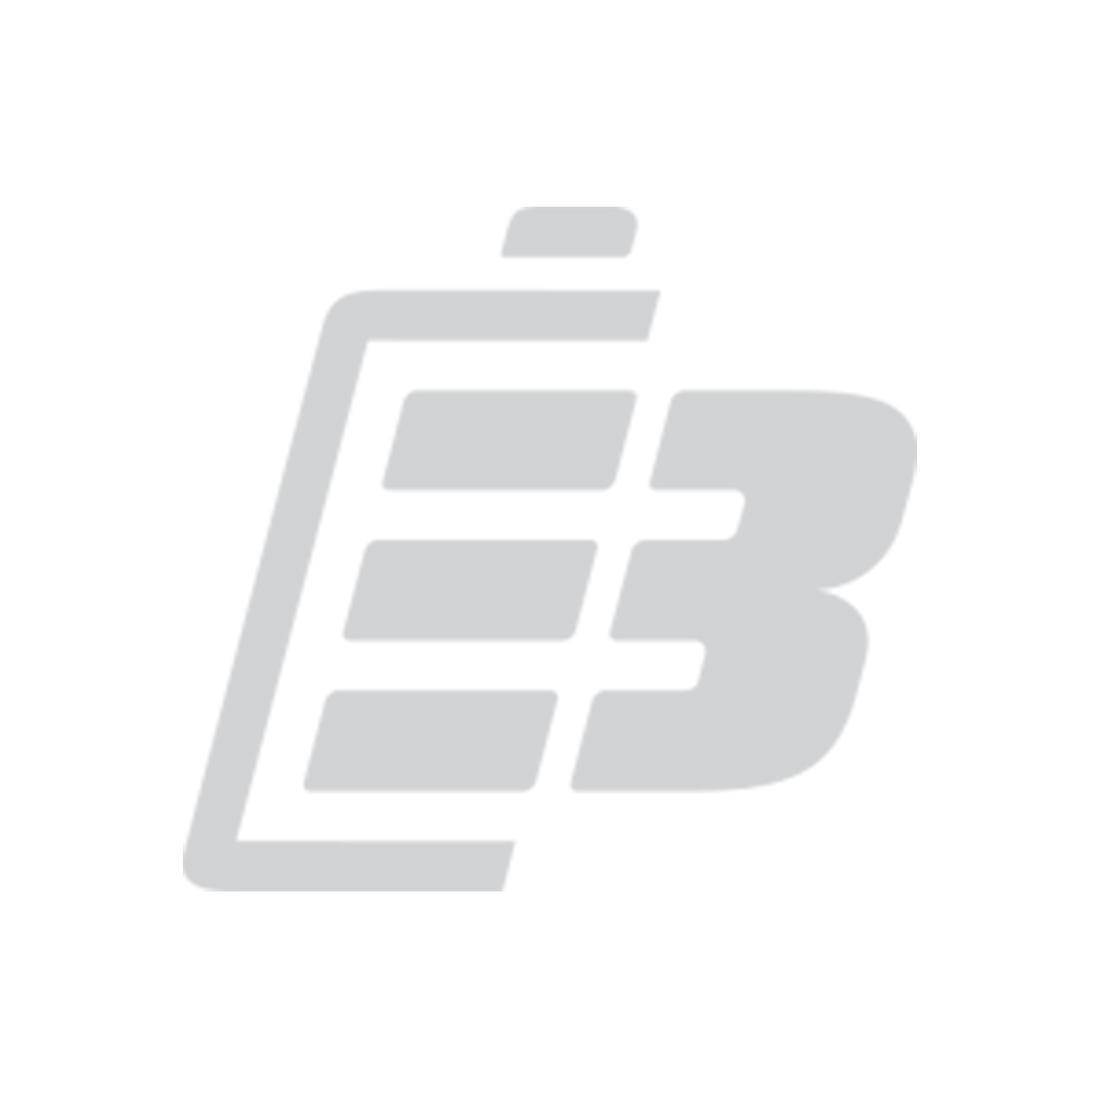 Camcorder battery charger JVC BN-V107_1